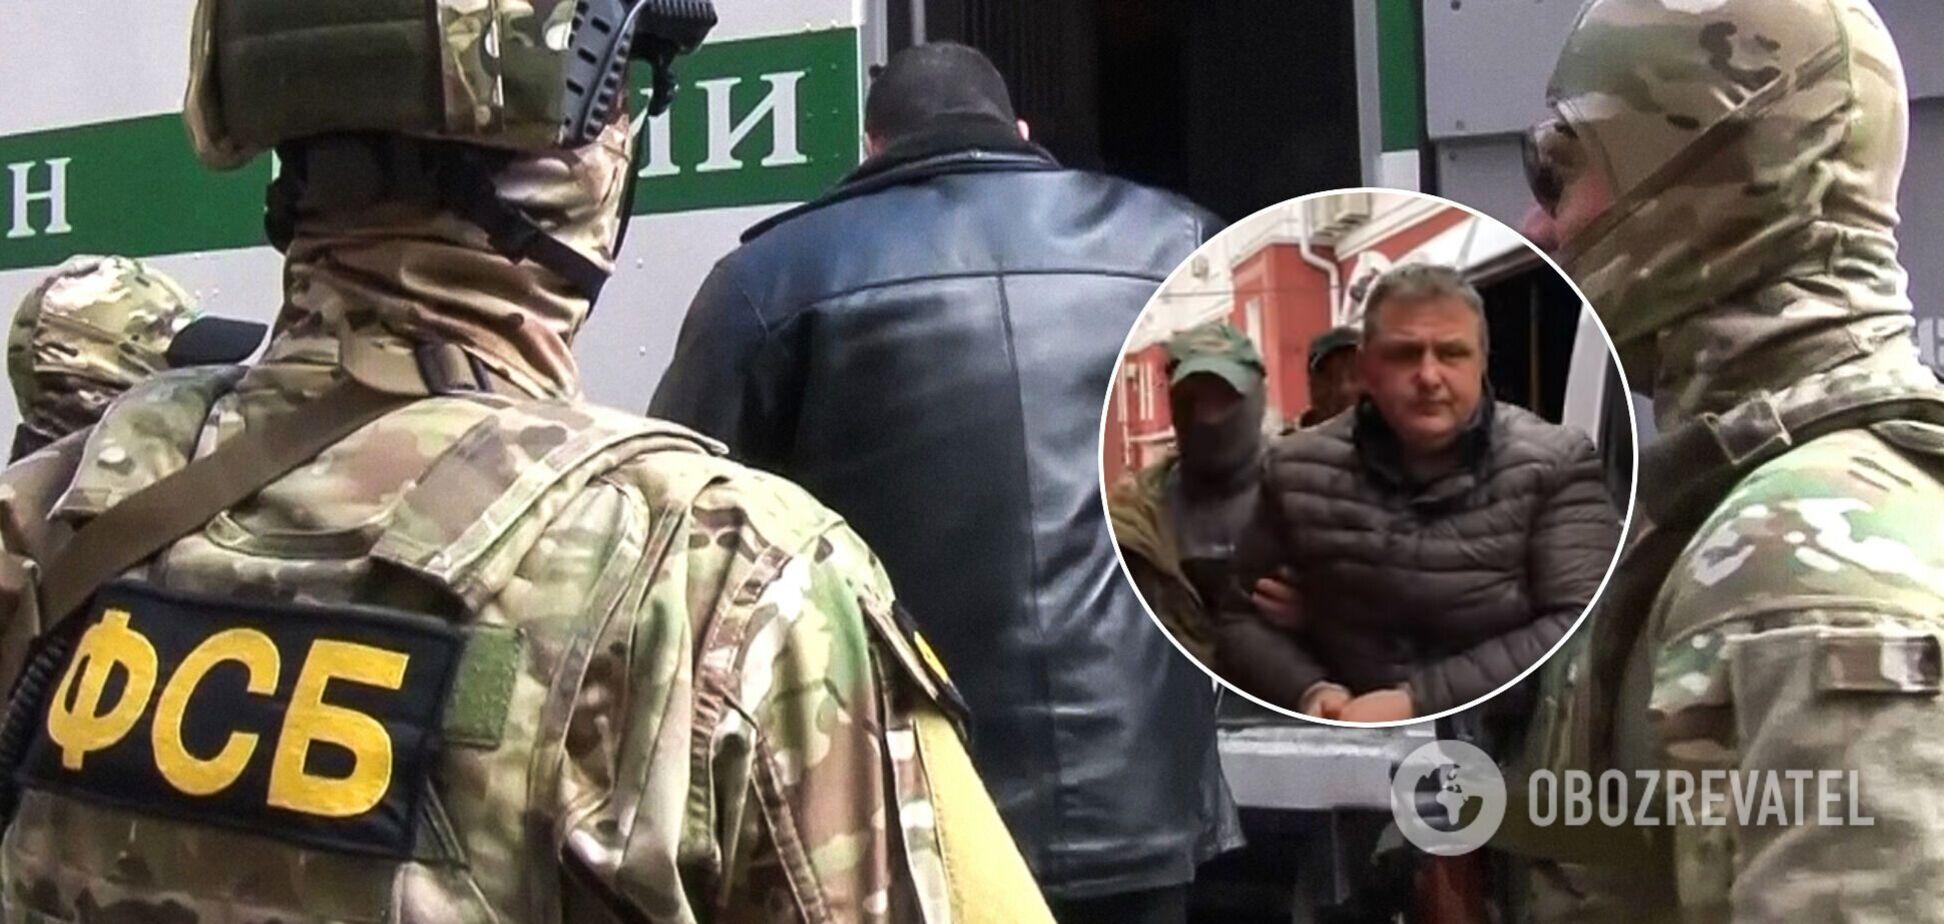 ФСБ затримала в Криму журналіста за 'шпигунство на користь України': відео та деталі